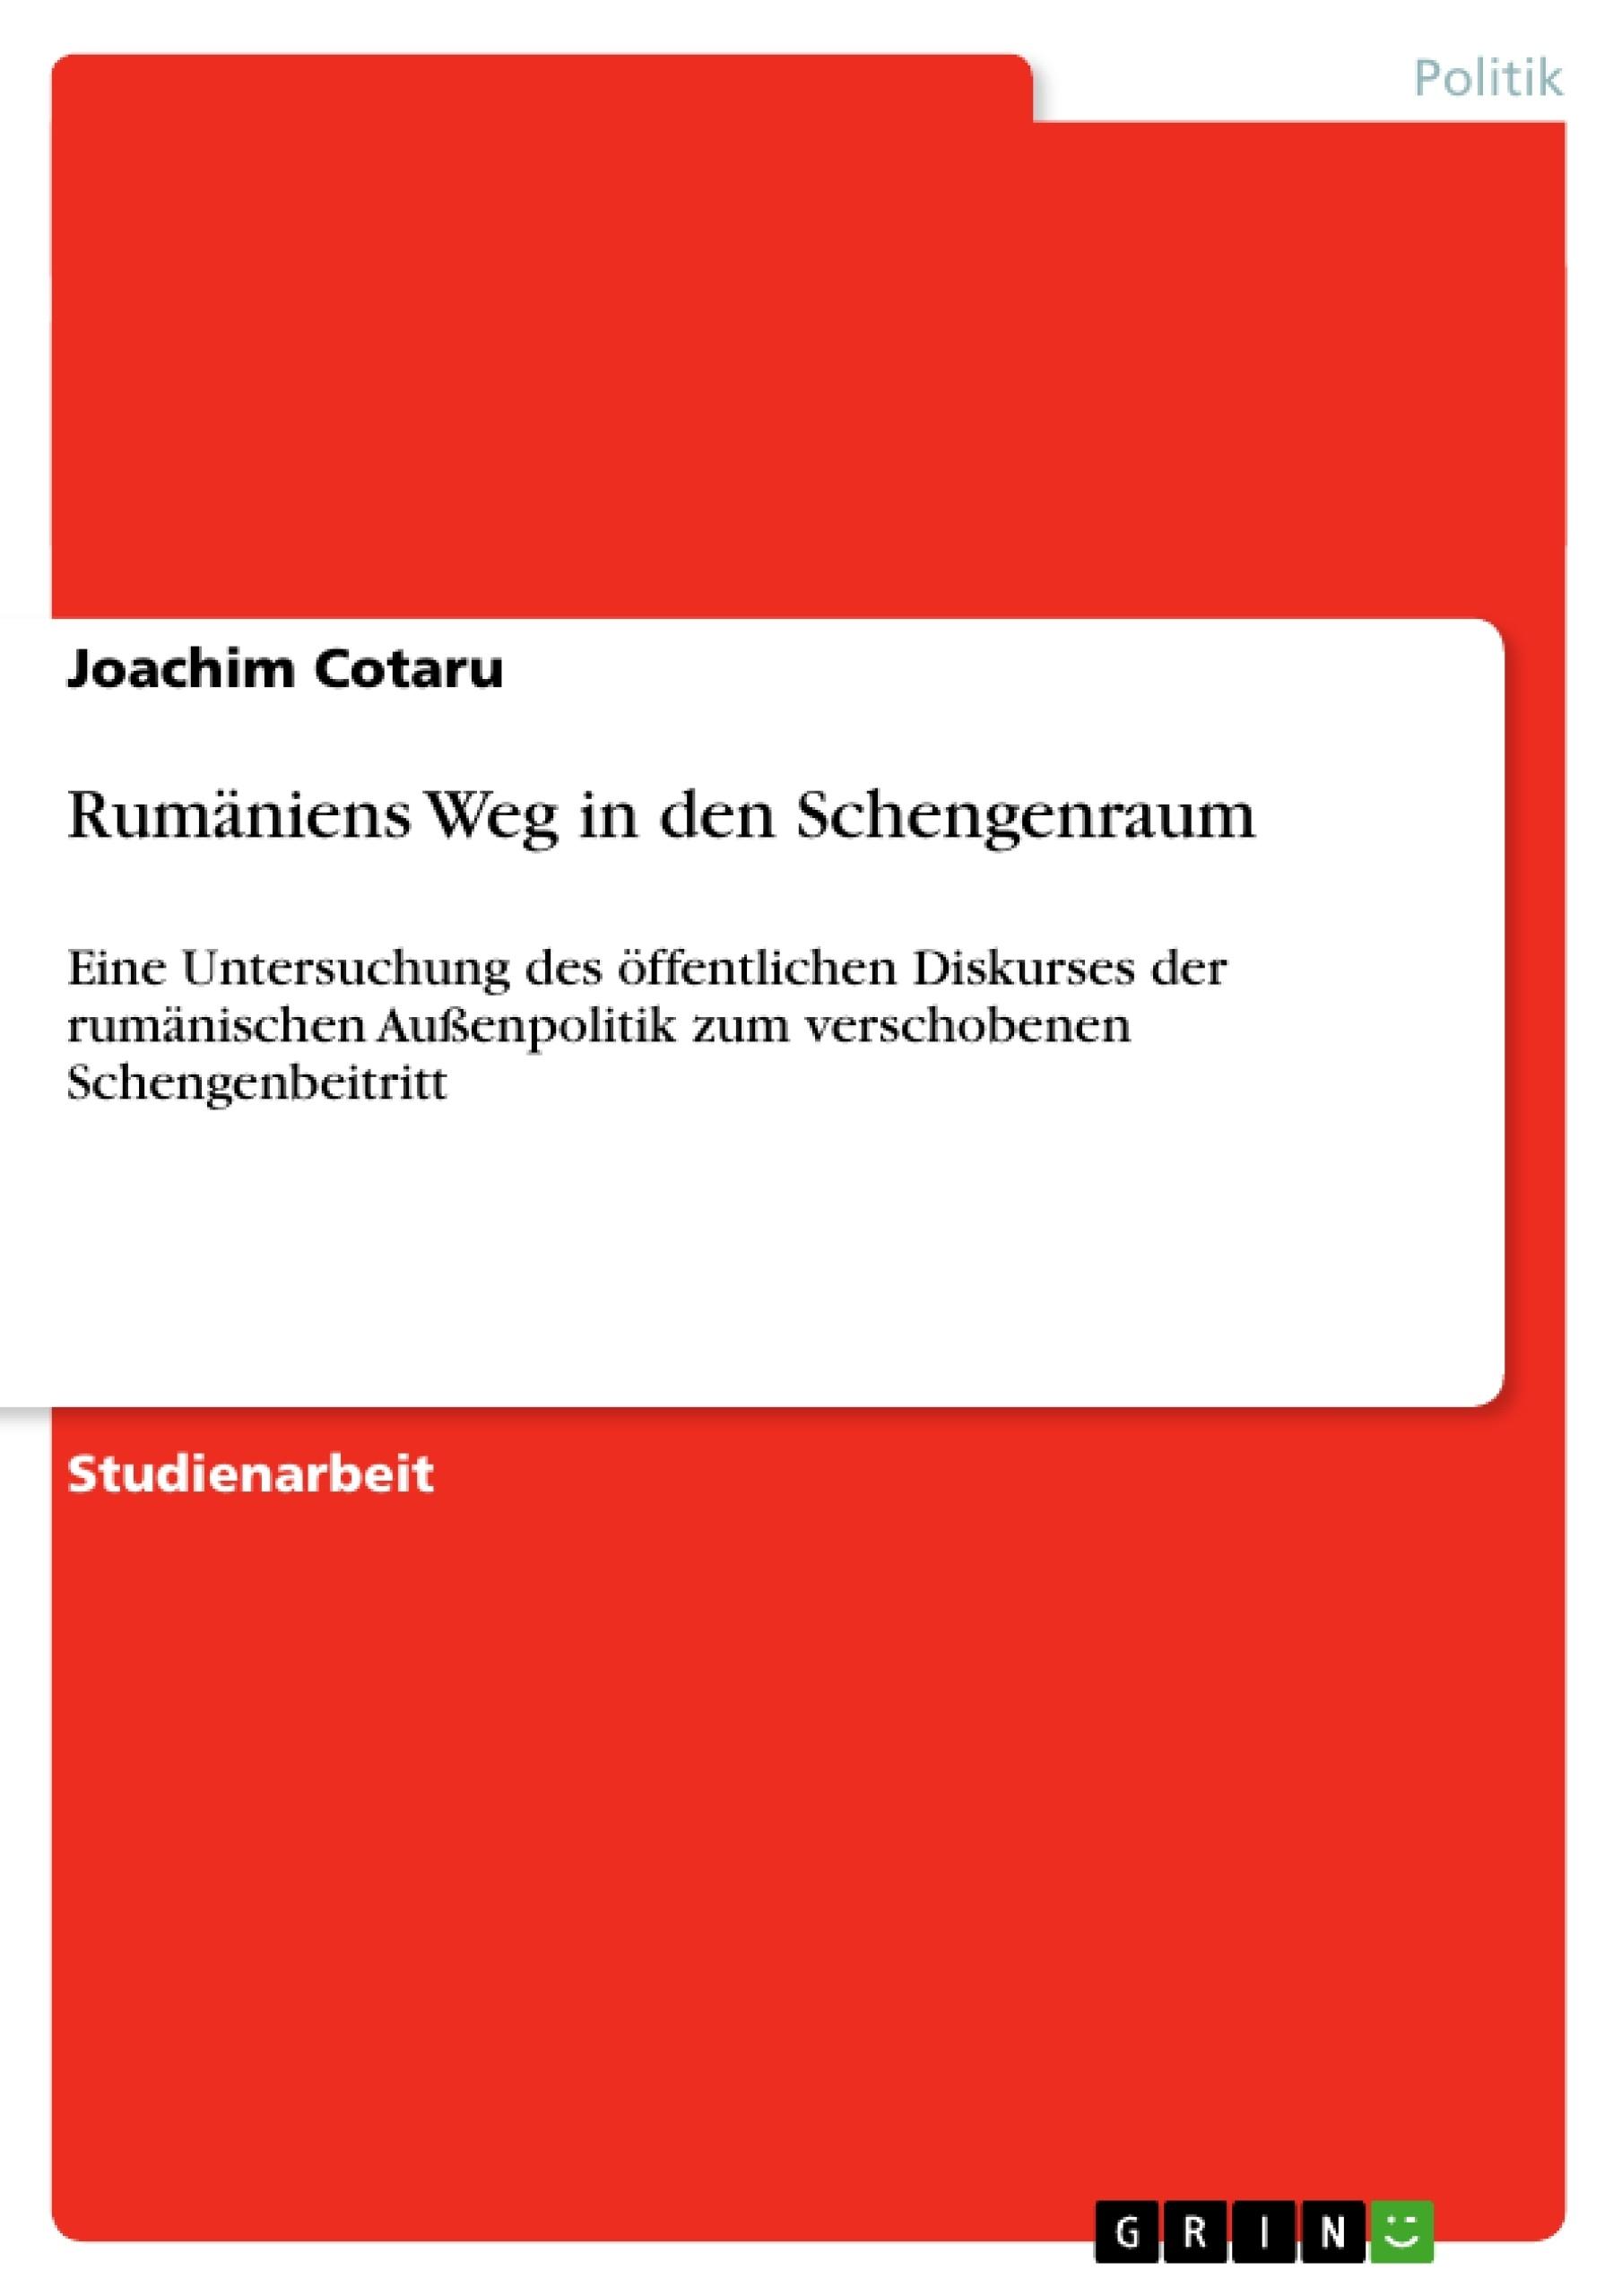 Titel: Rumäniens Weg in den Schengenraum